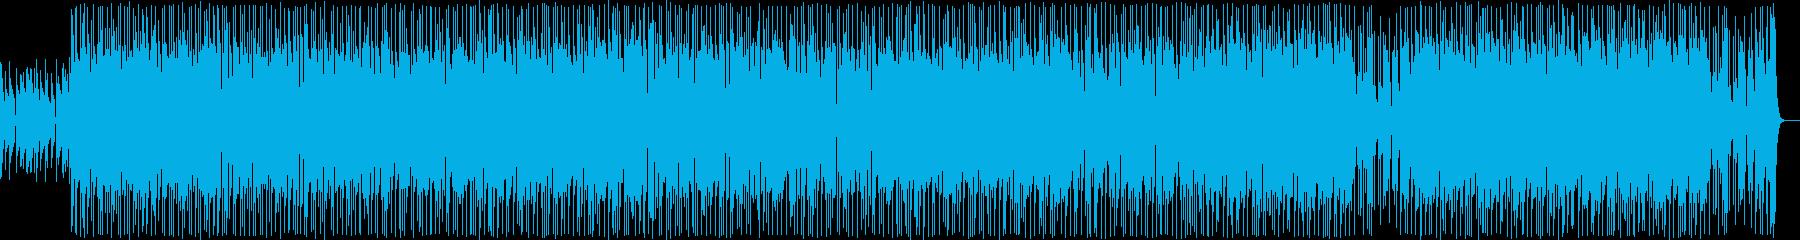 ワイルドなハードロック2の再生済みの波形